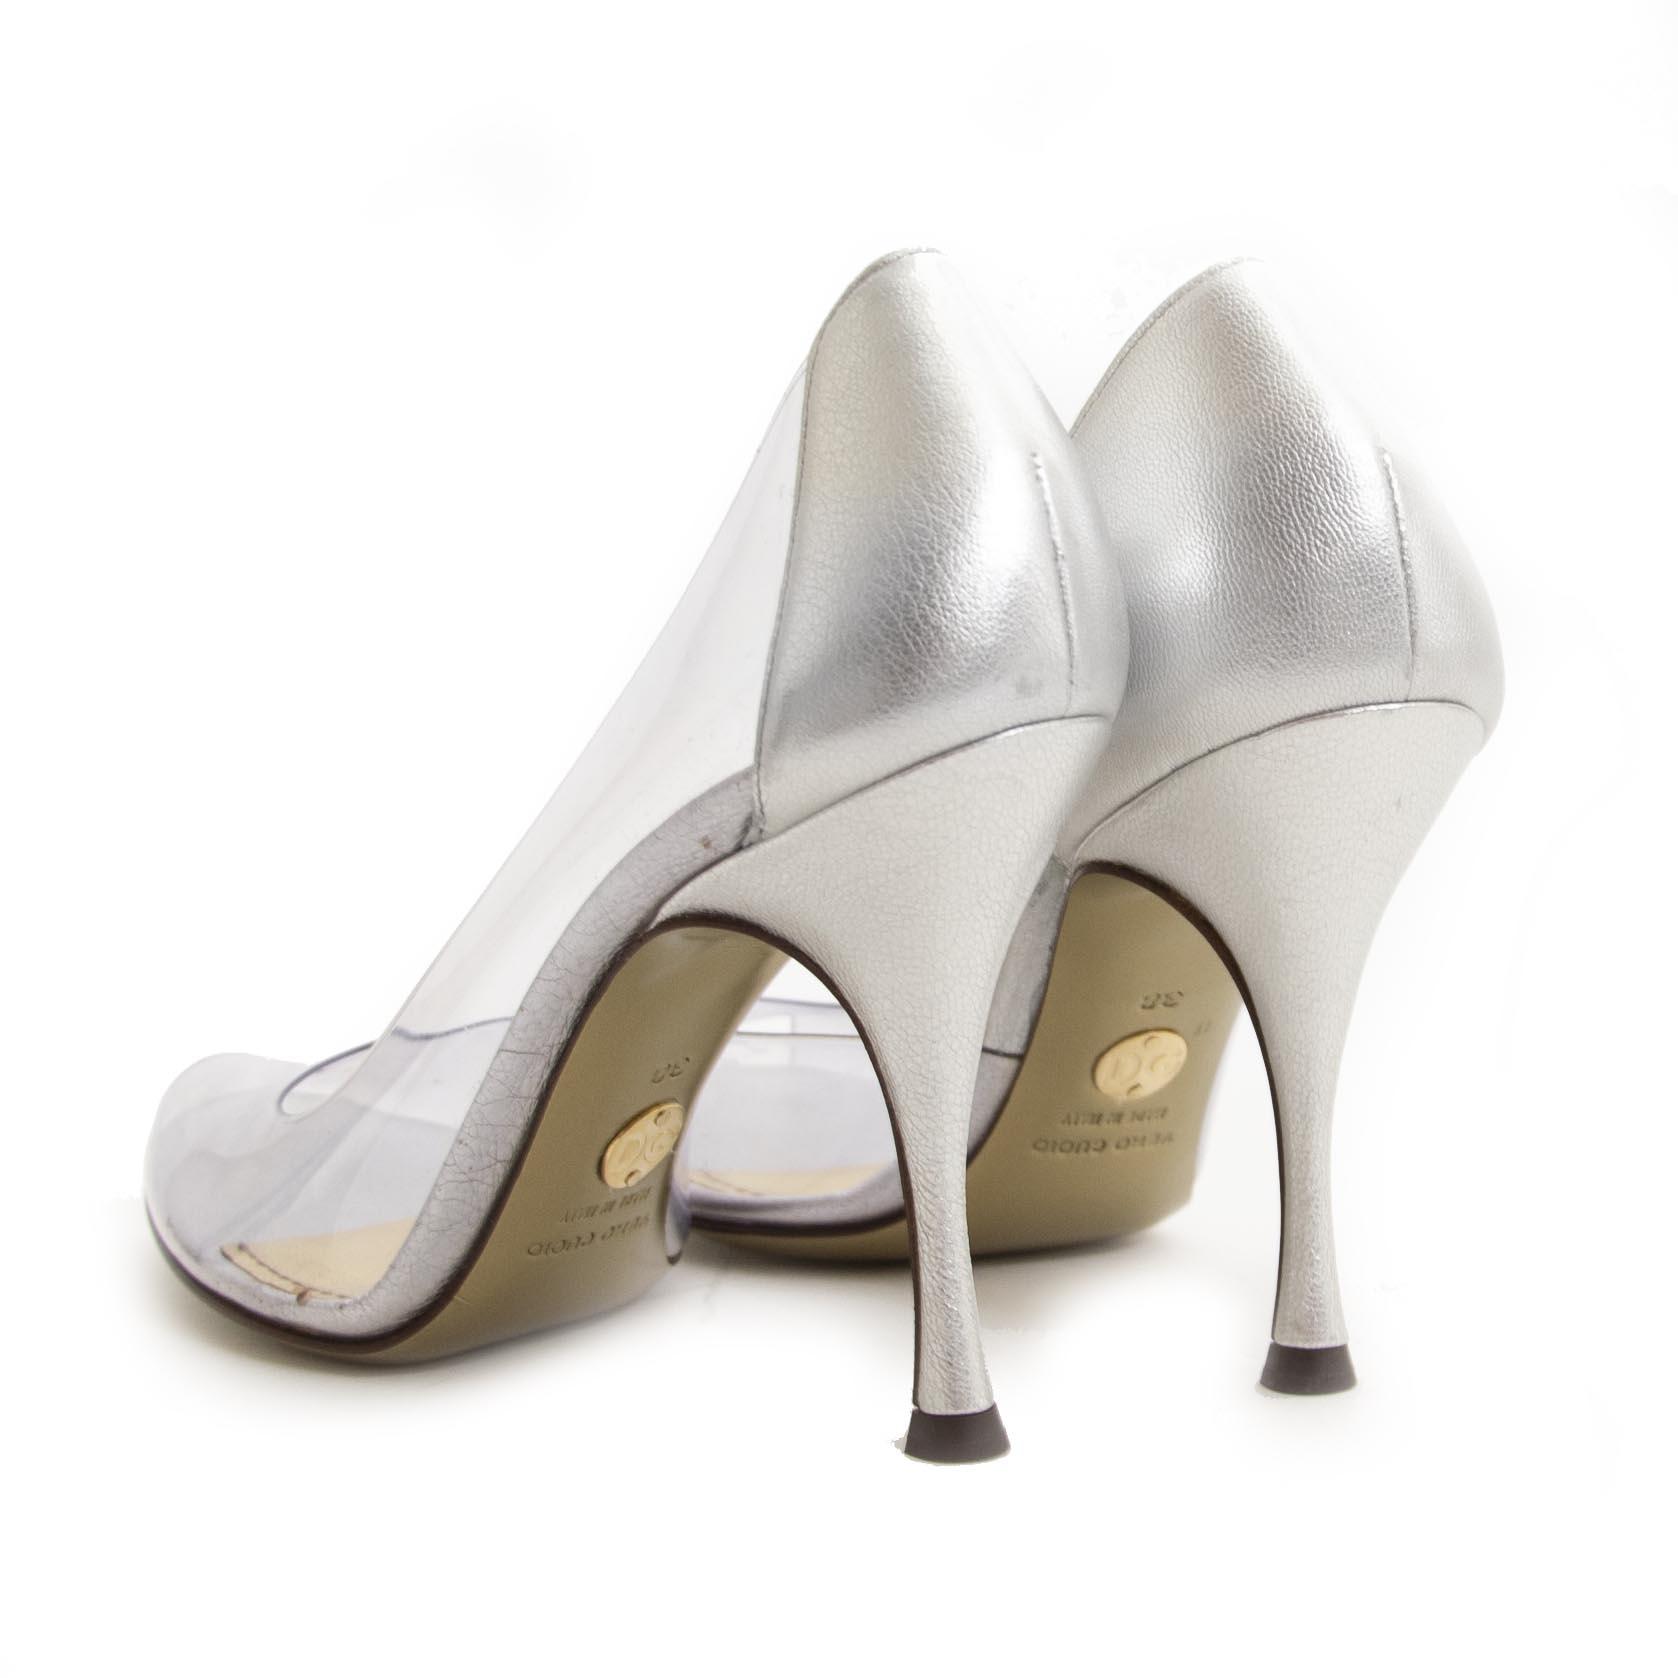 Dolce & Gabbana Transparant Peep Toe Pumps - 38 For the best price at LabelLov. Pour le meilleur prix à LabelLOV. Voor de beste prijs bij LabelLOV.